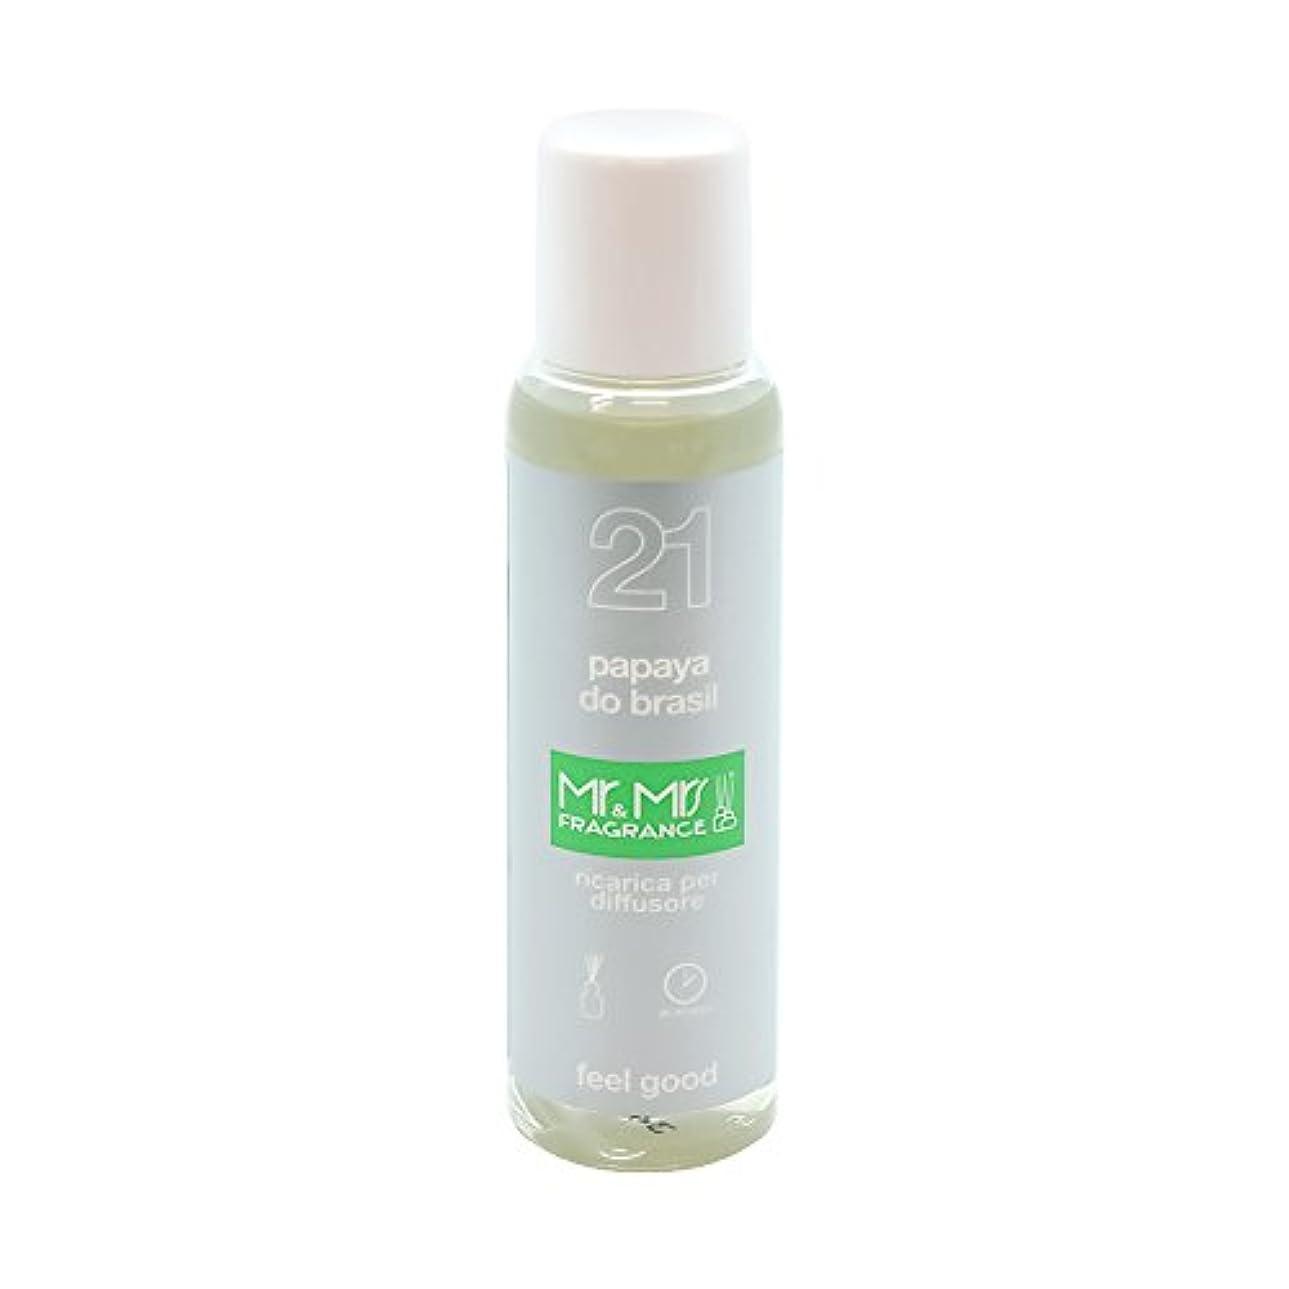 有名人のれん合体Mr&Mrs(ミスターアンドミセス)easy fragrance 21 パパイヤ リフィル 100ml